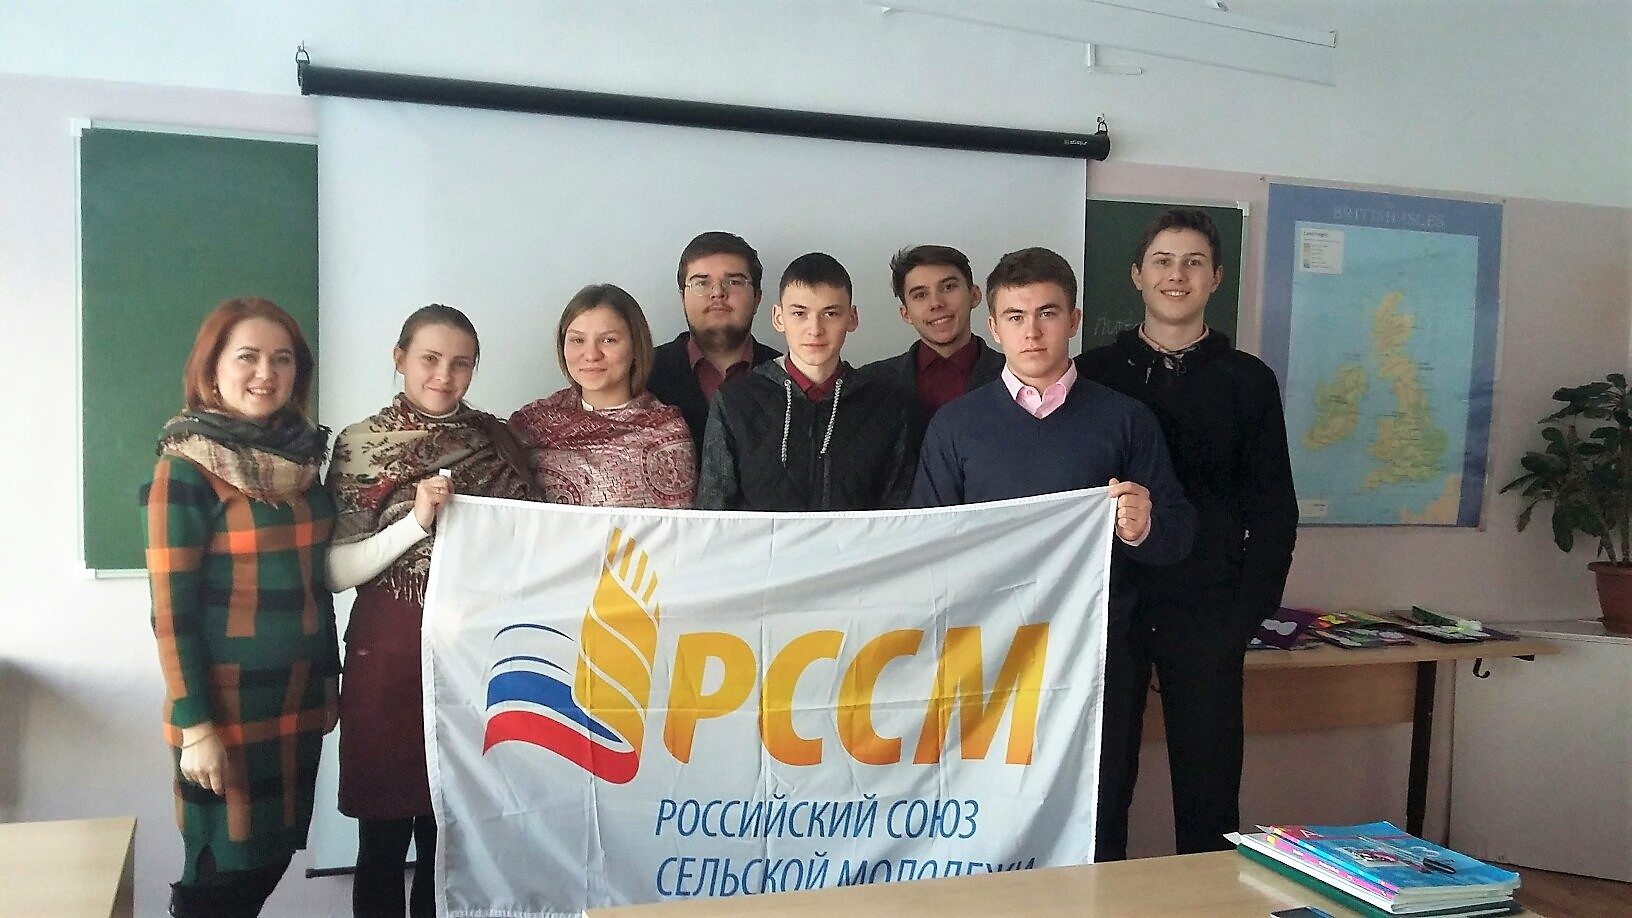 В Коми стартовал проект Российского союза сельской молодёжи